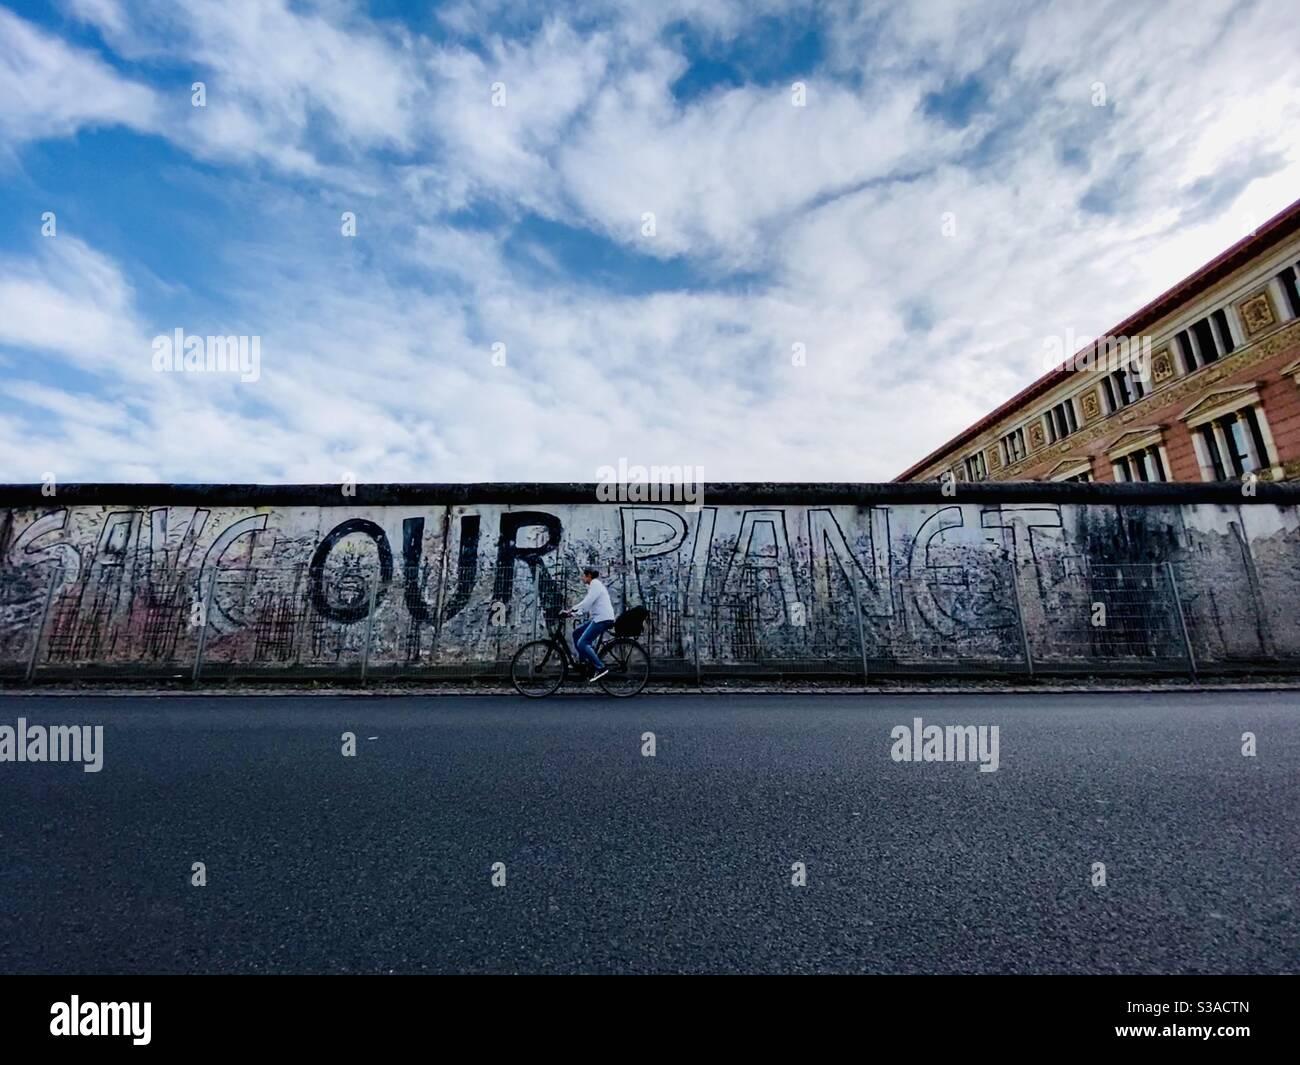 """Una mujer recorre su bicicleta por una parte del Muro de Berlín que aún permanece. El graffiti en la pared dice """"Salvemos nuestro planeta"""". Berlín, Alemania. Foto de stock"""